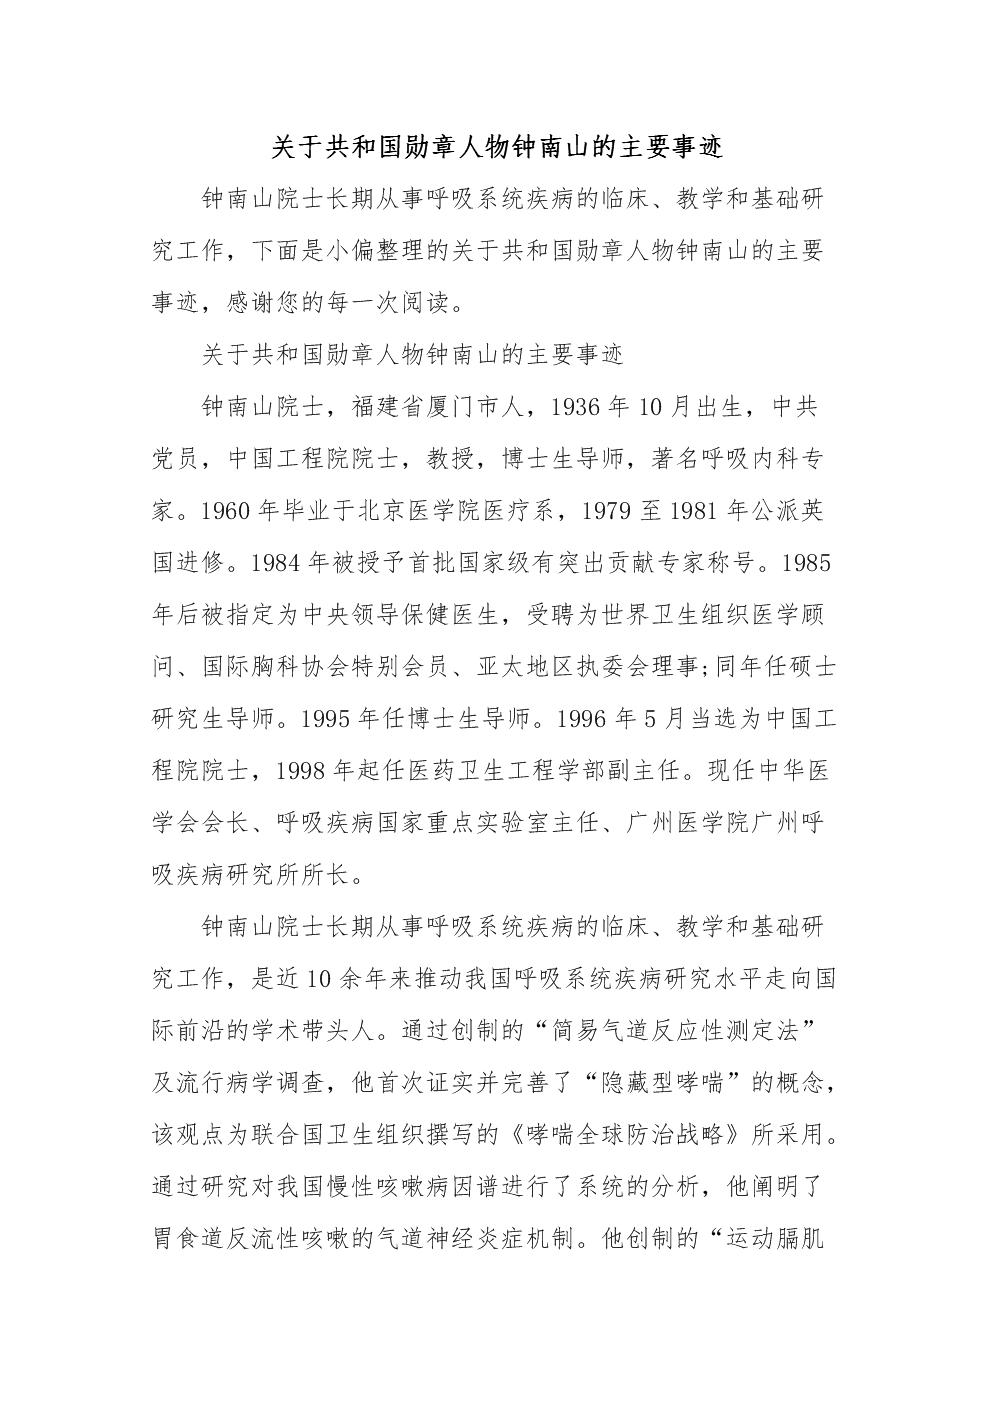 关于共和国勋章人物钟南山的主要事迹.docx